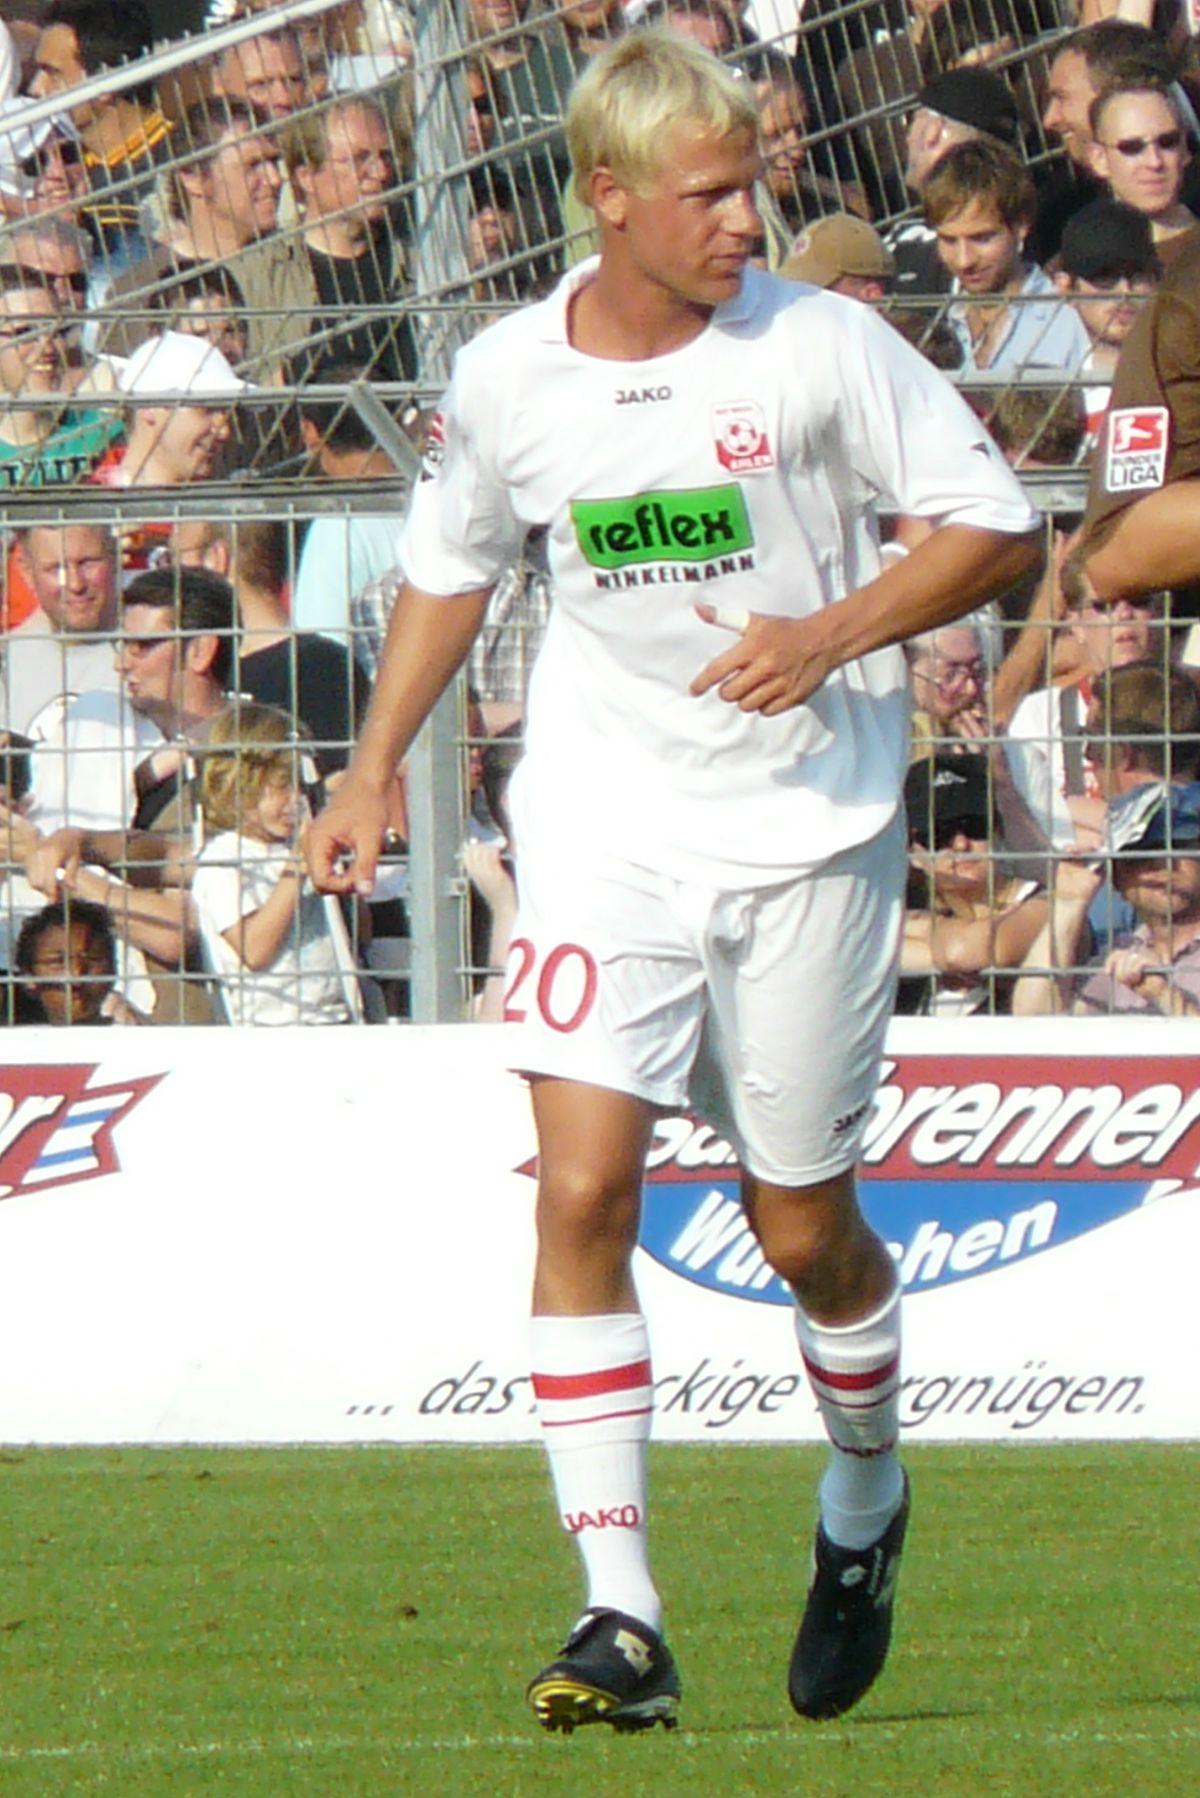 Michael Wiemann